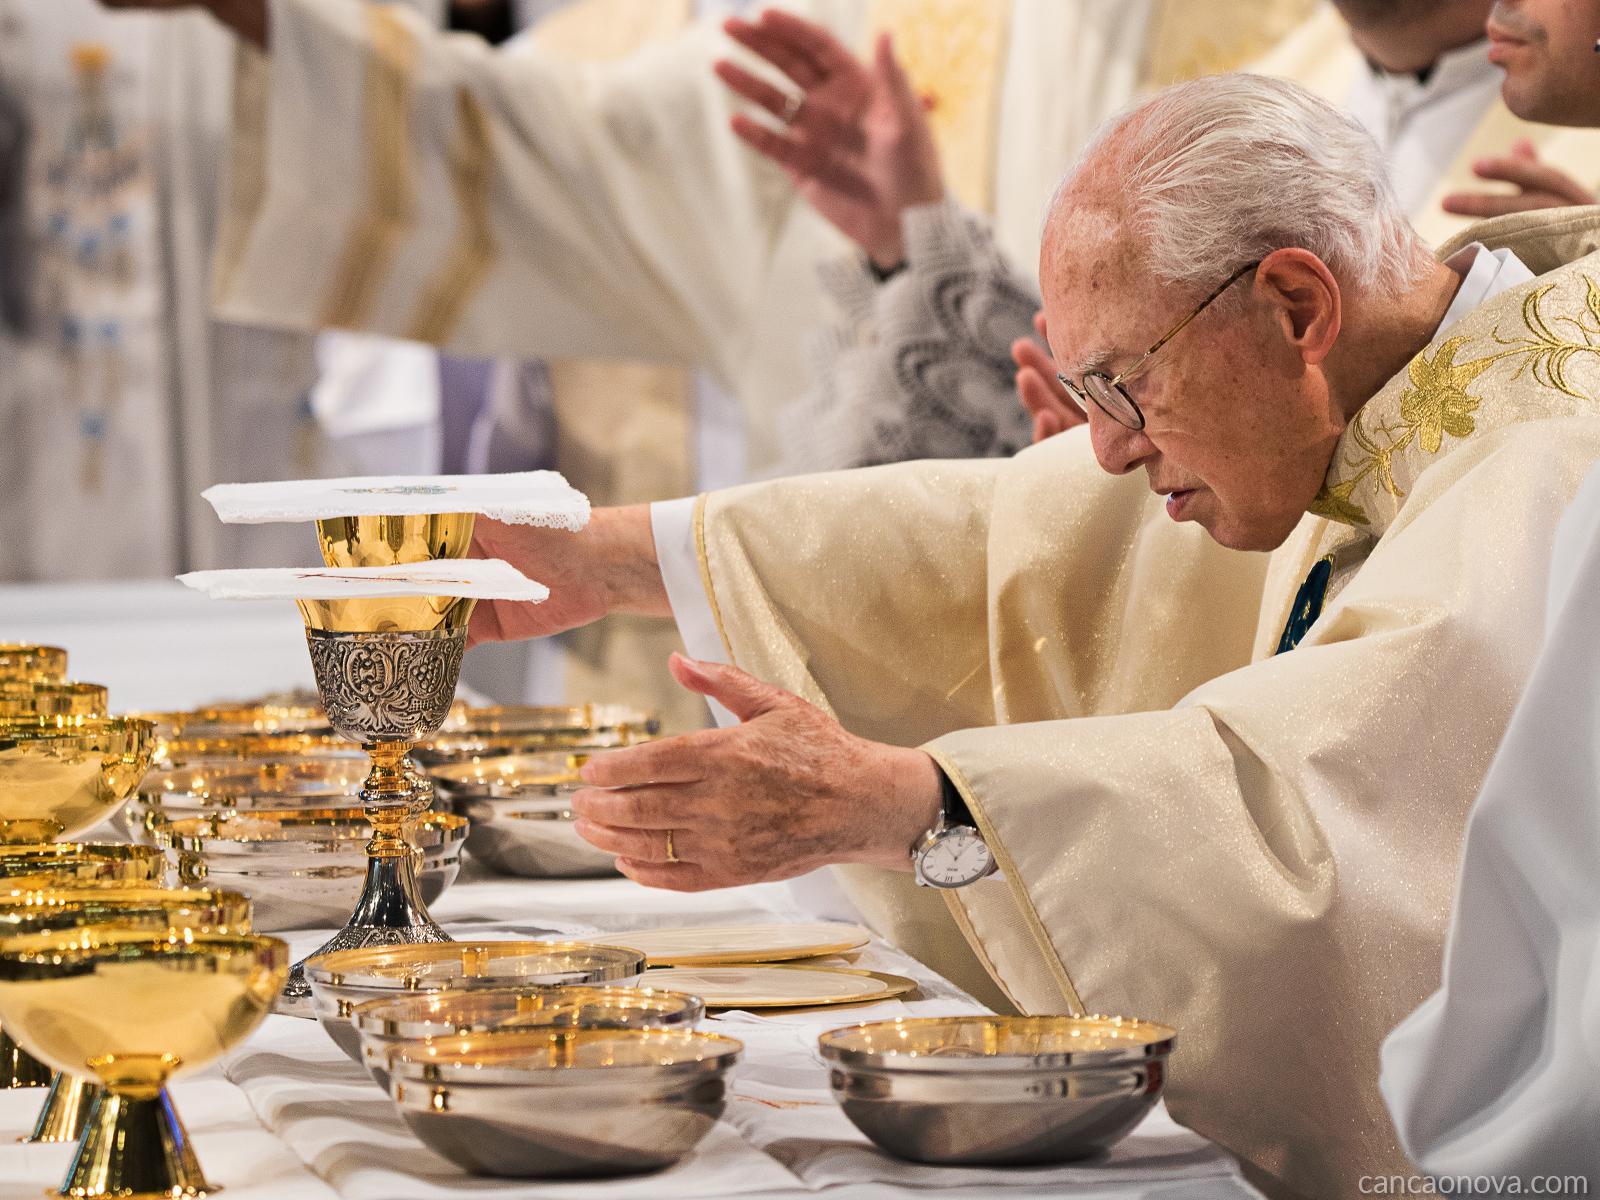 O que são ritos de preceito?